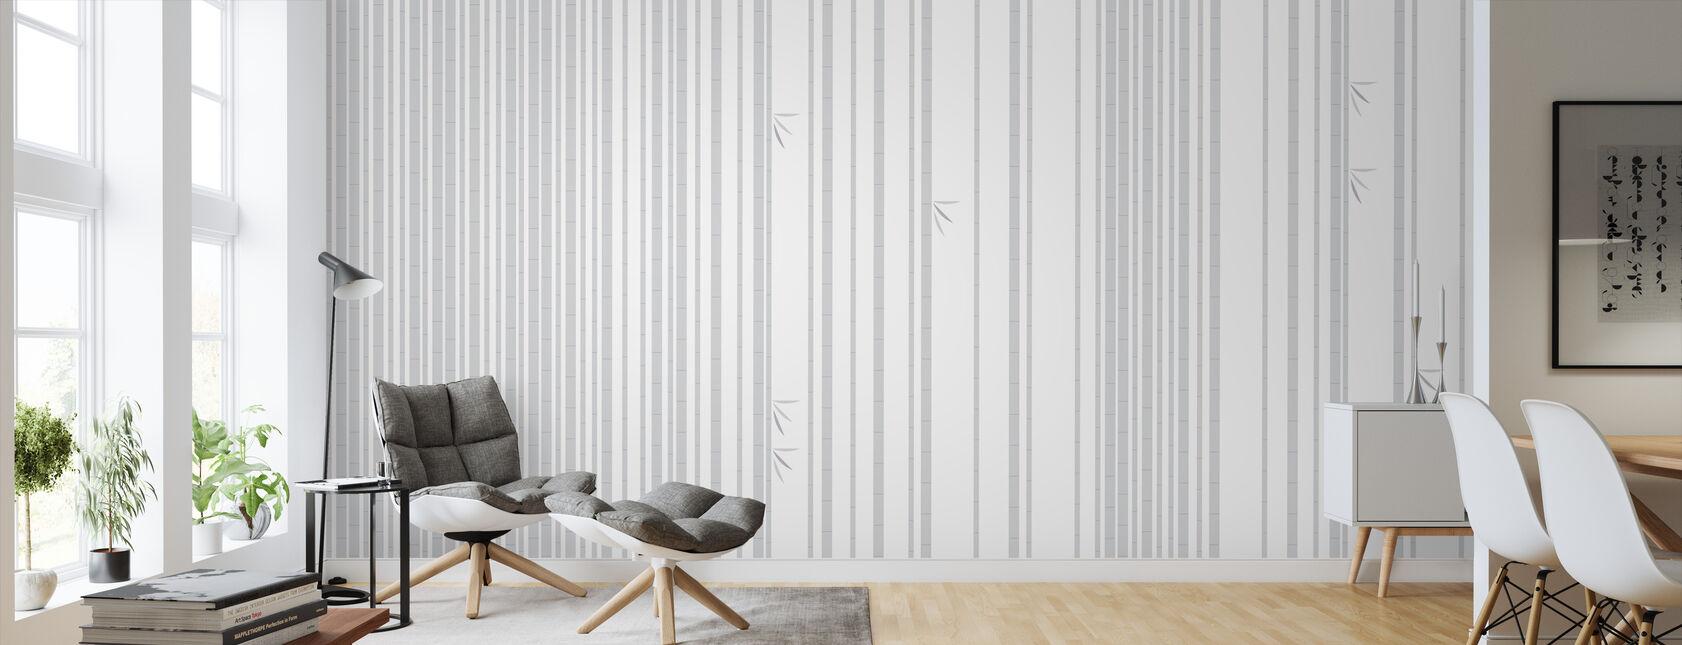 Bambu Forest Gris - Papel pintado - Salón